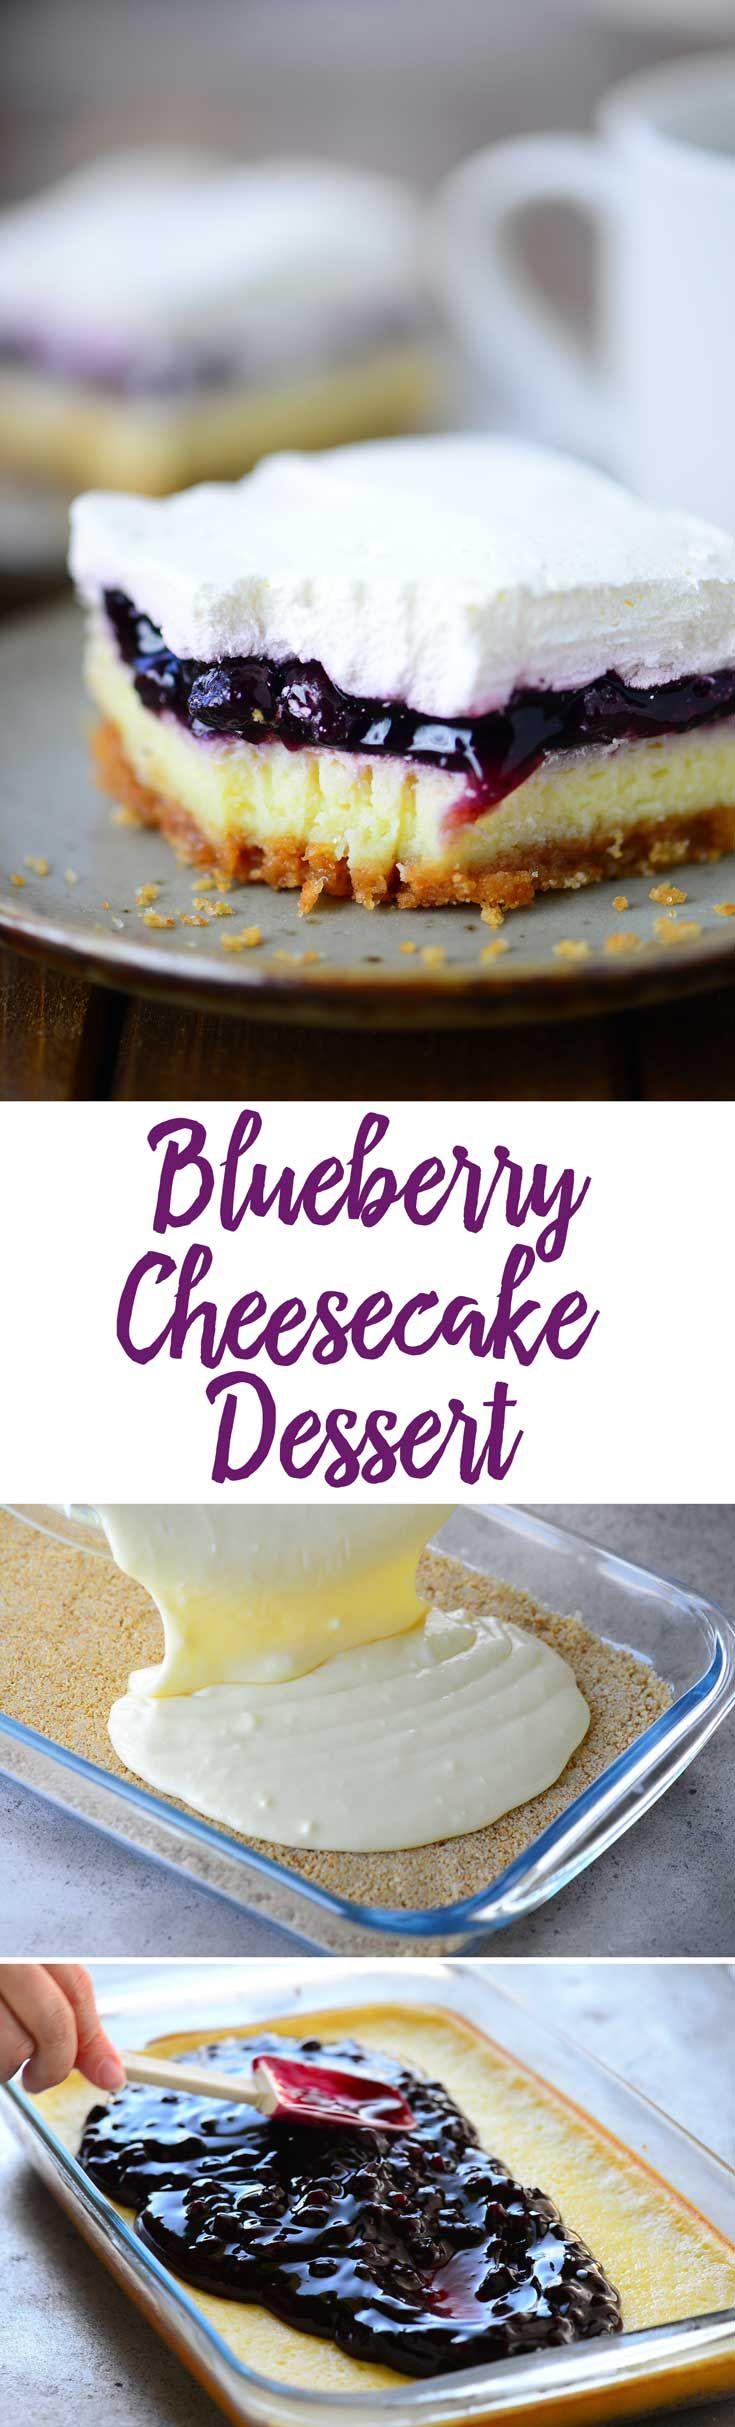 Maak een koekjesbodem van koekkruimels (200gr) en boter (60gr). Mix 2 pakjes roomkaas (200gr), 4 eieren, suiker (200gr) en schep dit op de bodem. Bak 60 min op 130 graden tot de bovenkant droog is. Schep vlaaivulling kersen erop en slagroom. Eet smakelijk.